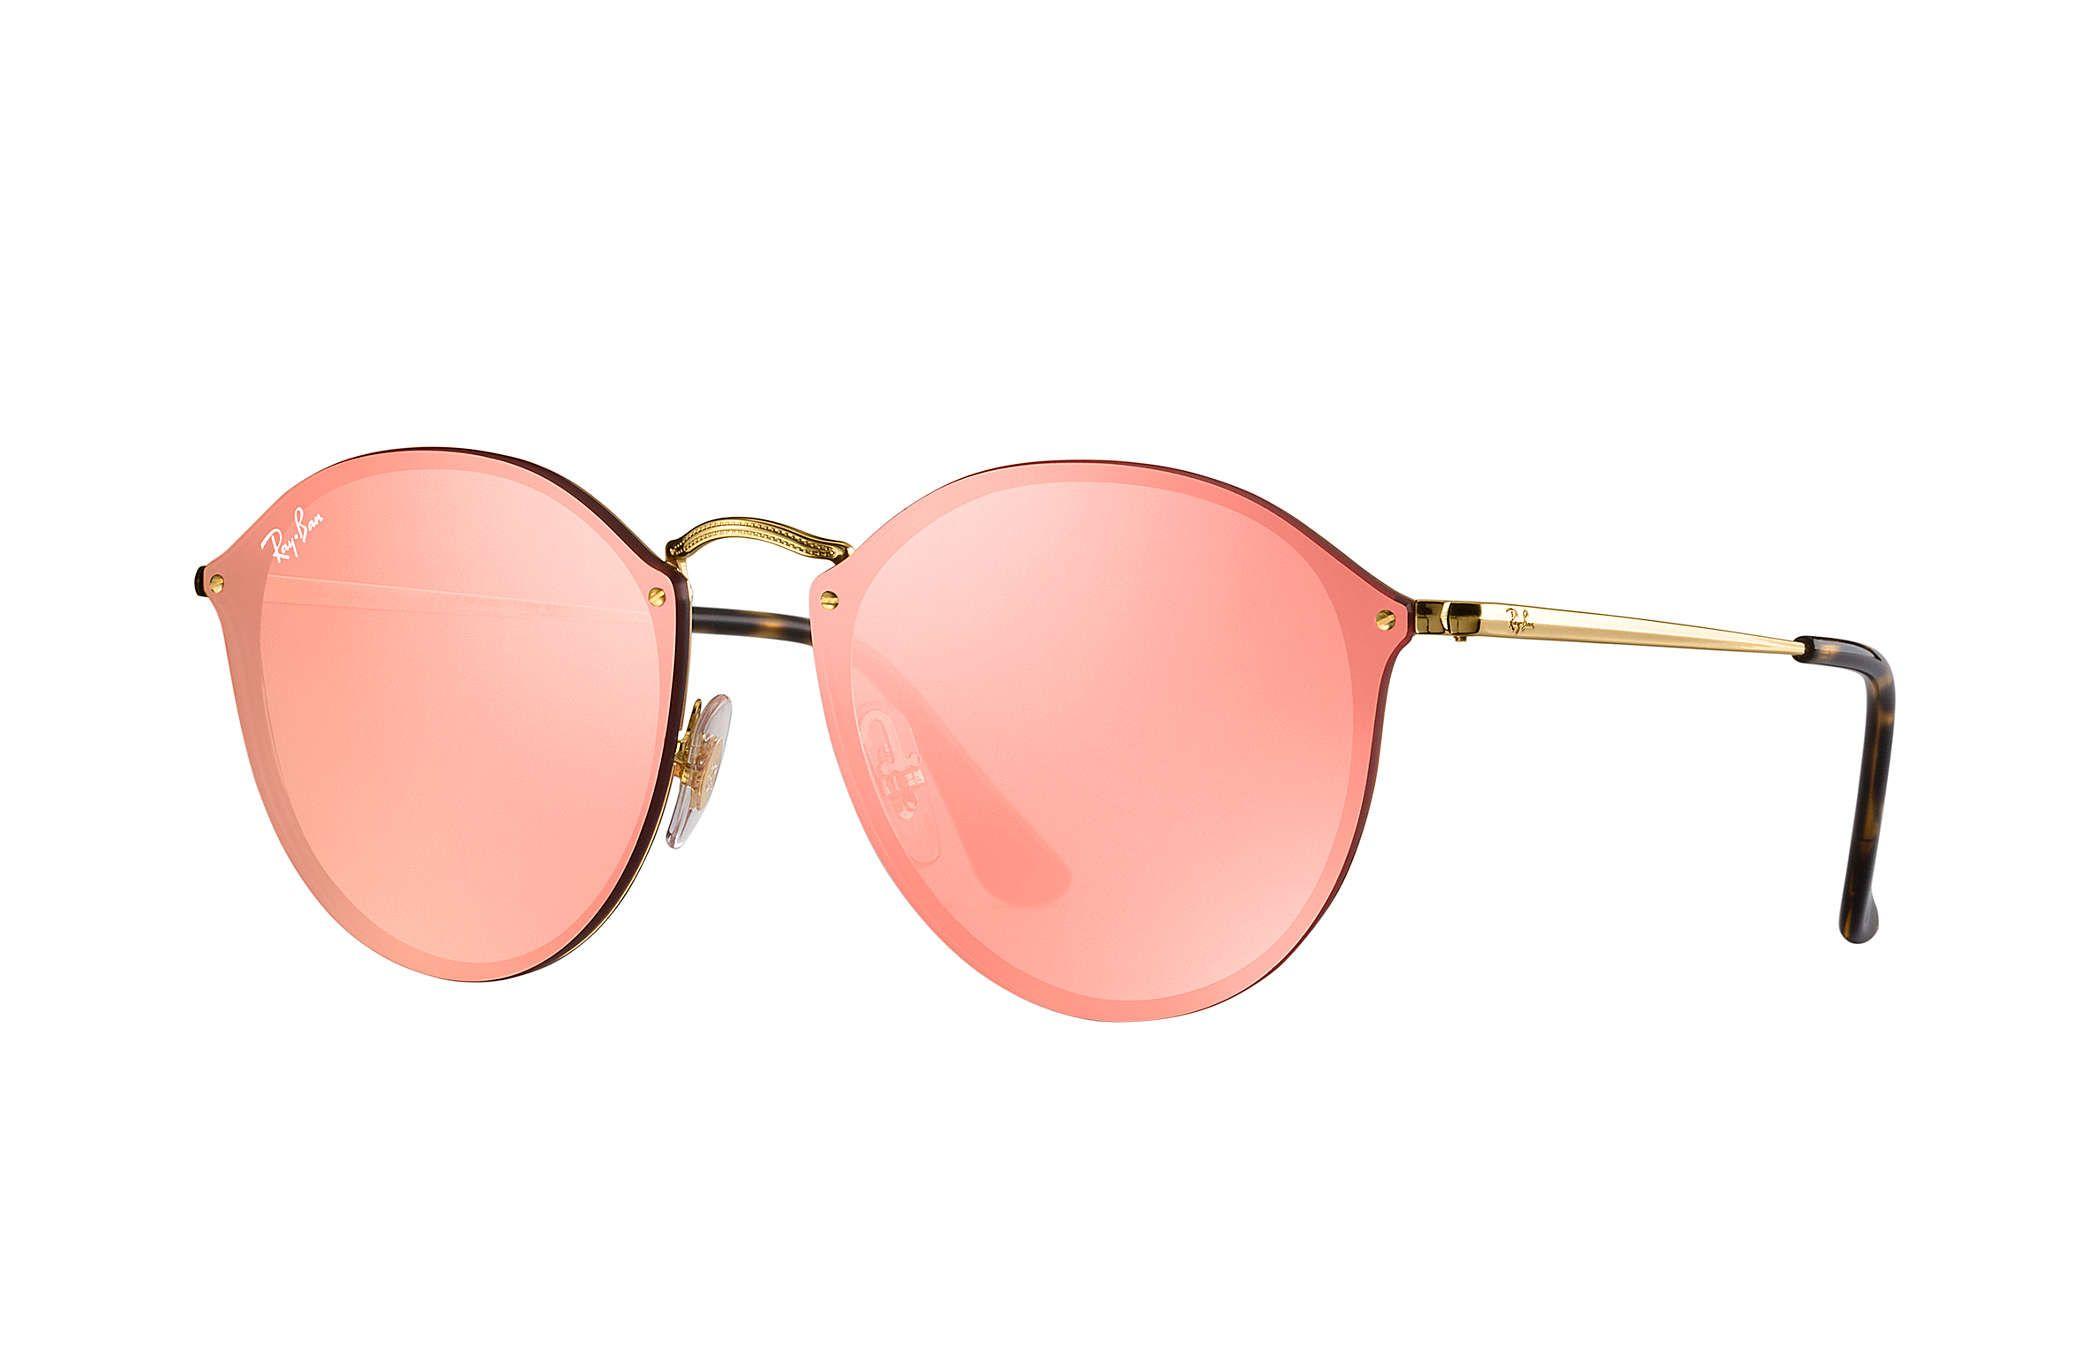 368ed37e95ce2 Luxottica S.p.A   Sunglasses   Óculos, Oculos de sol, Acessórios